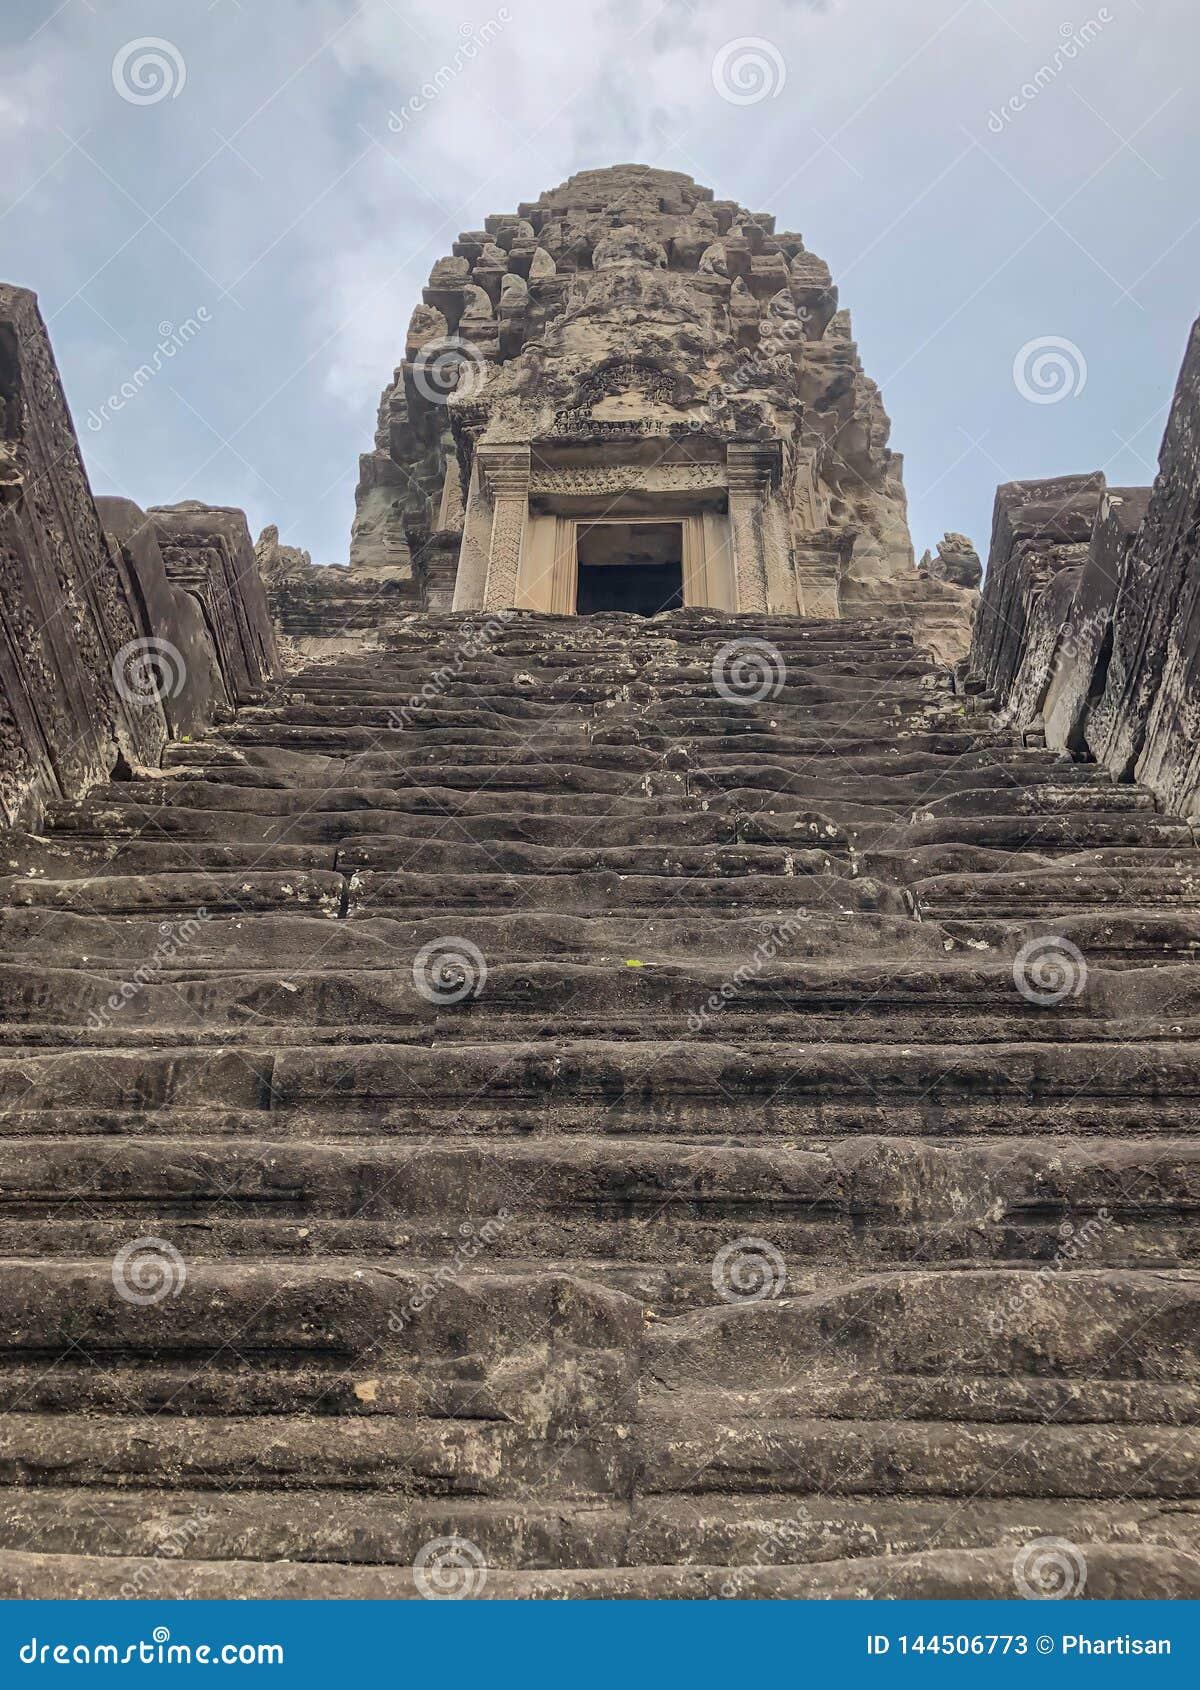 Angkor Cambodia Temples